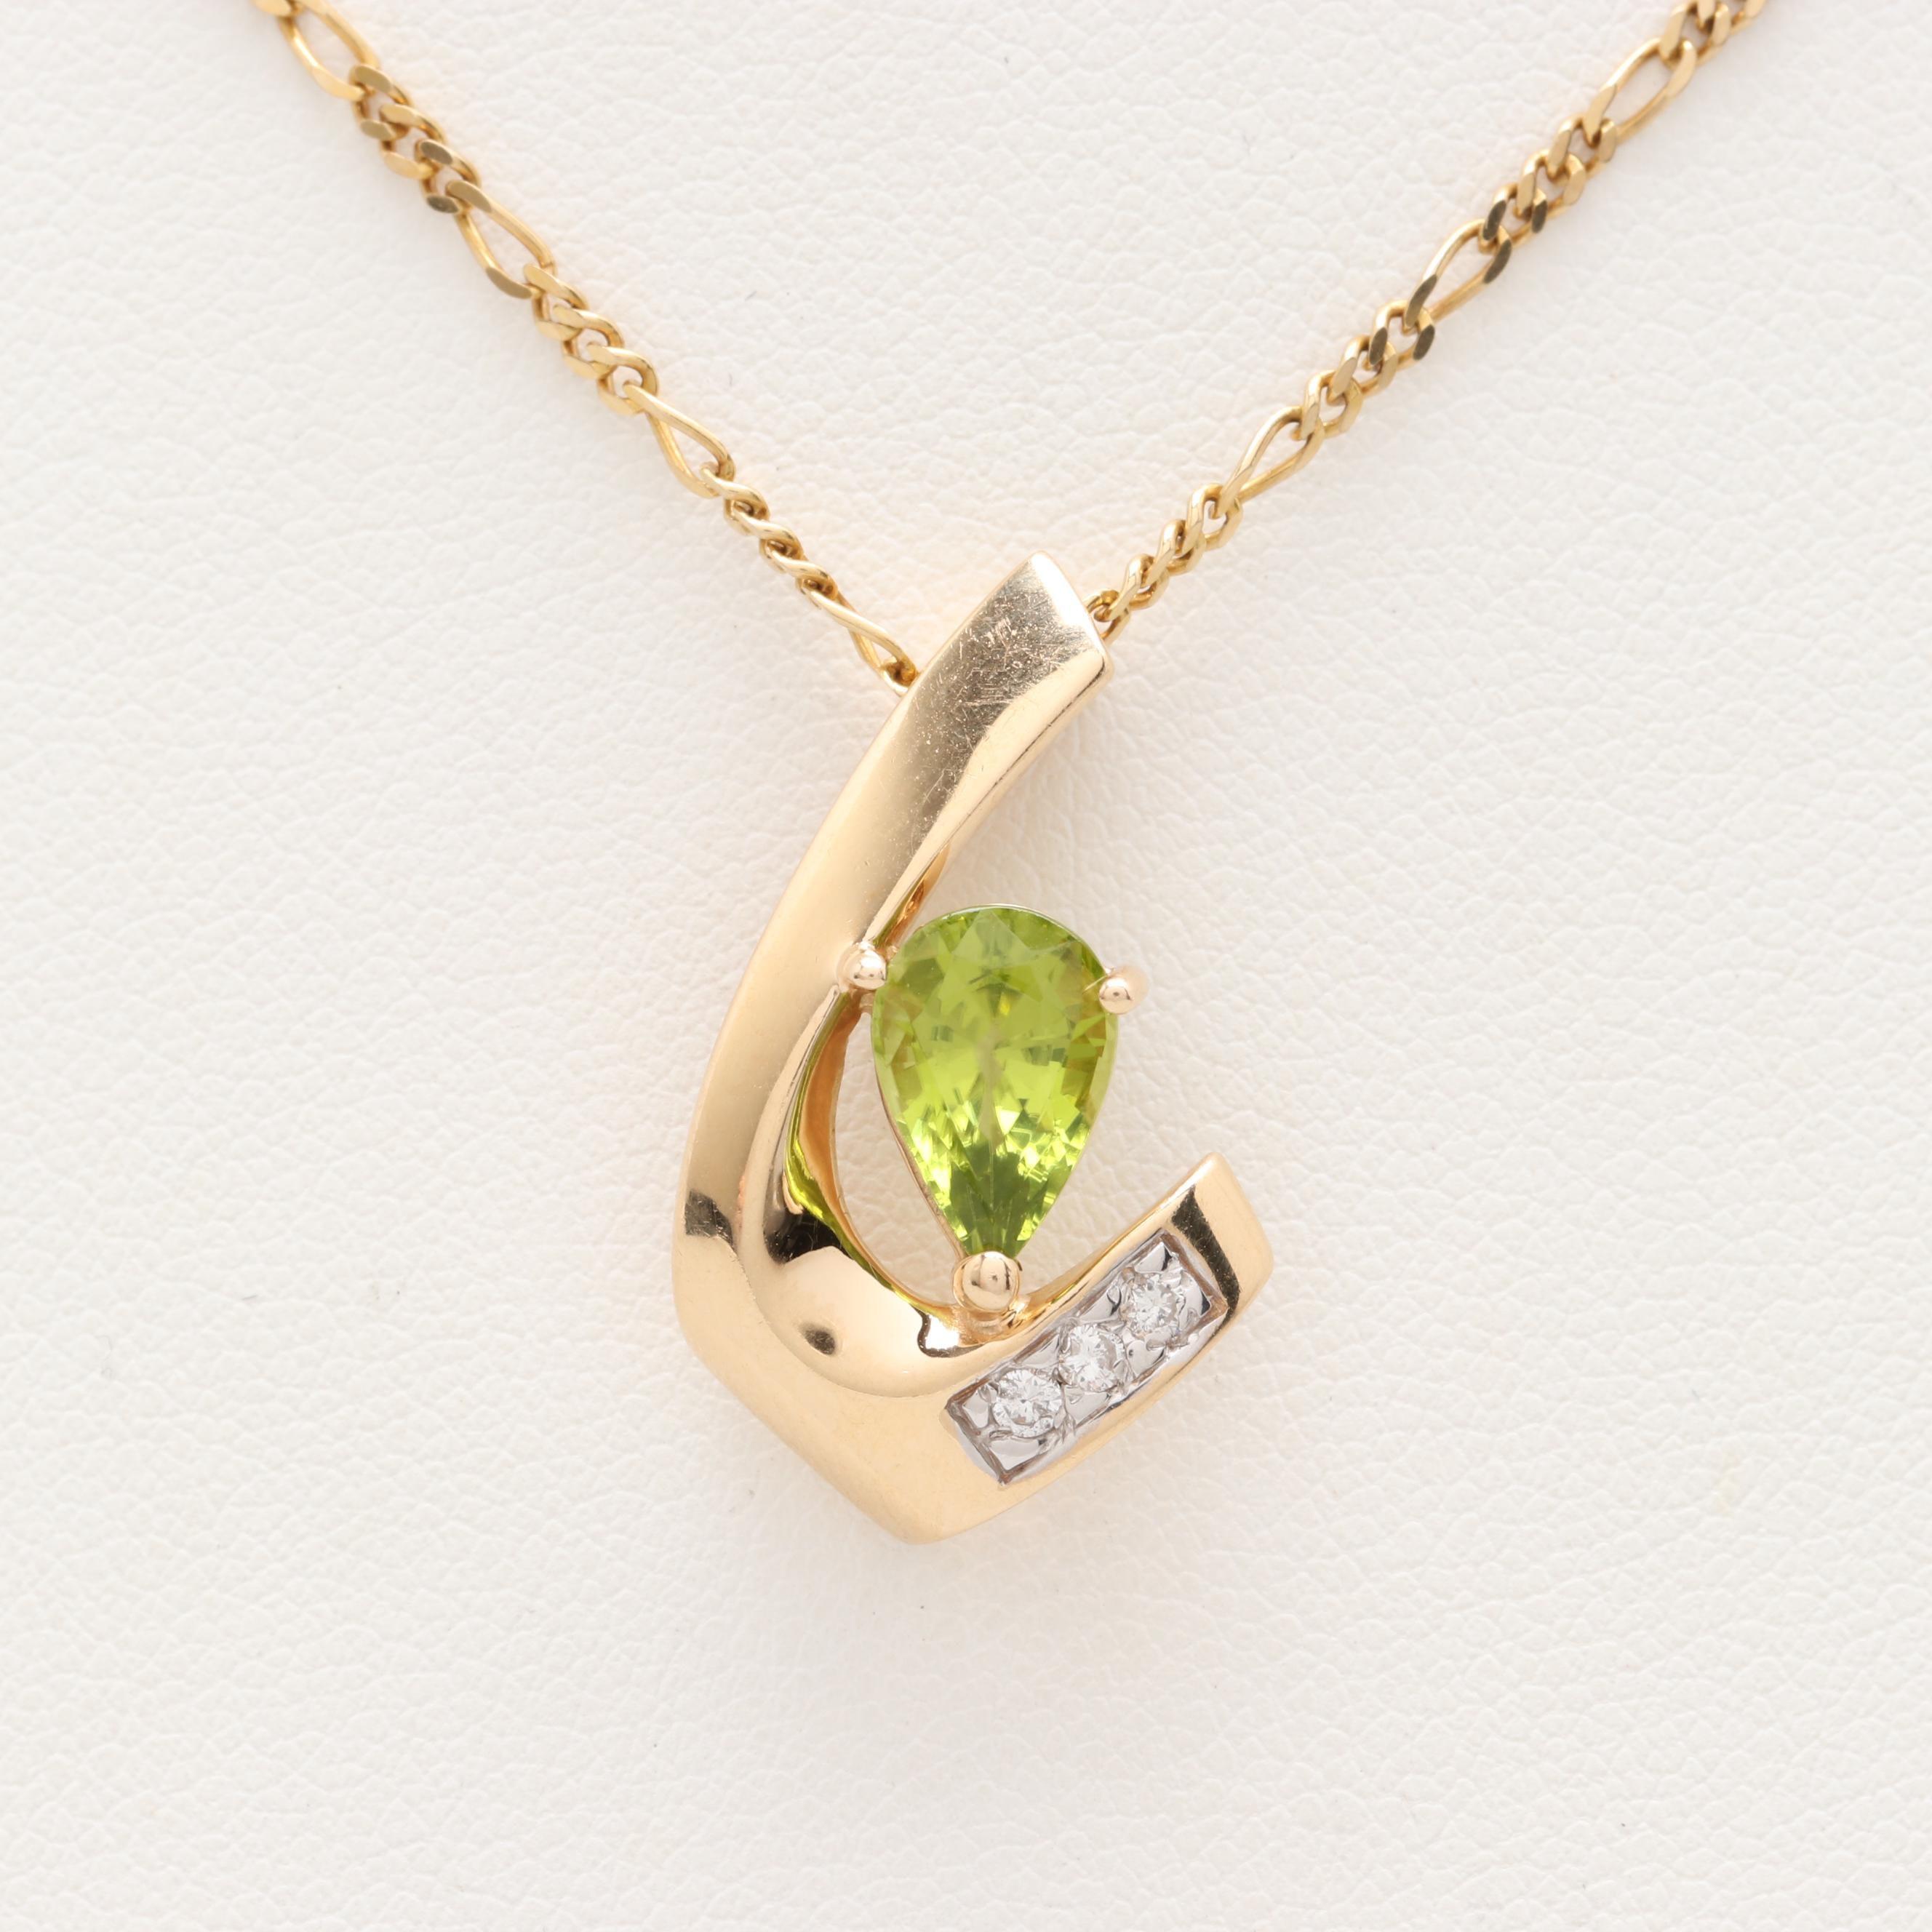 14K Yellow Gold Peridot and Diamond Pendant Necklace